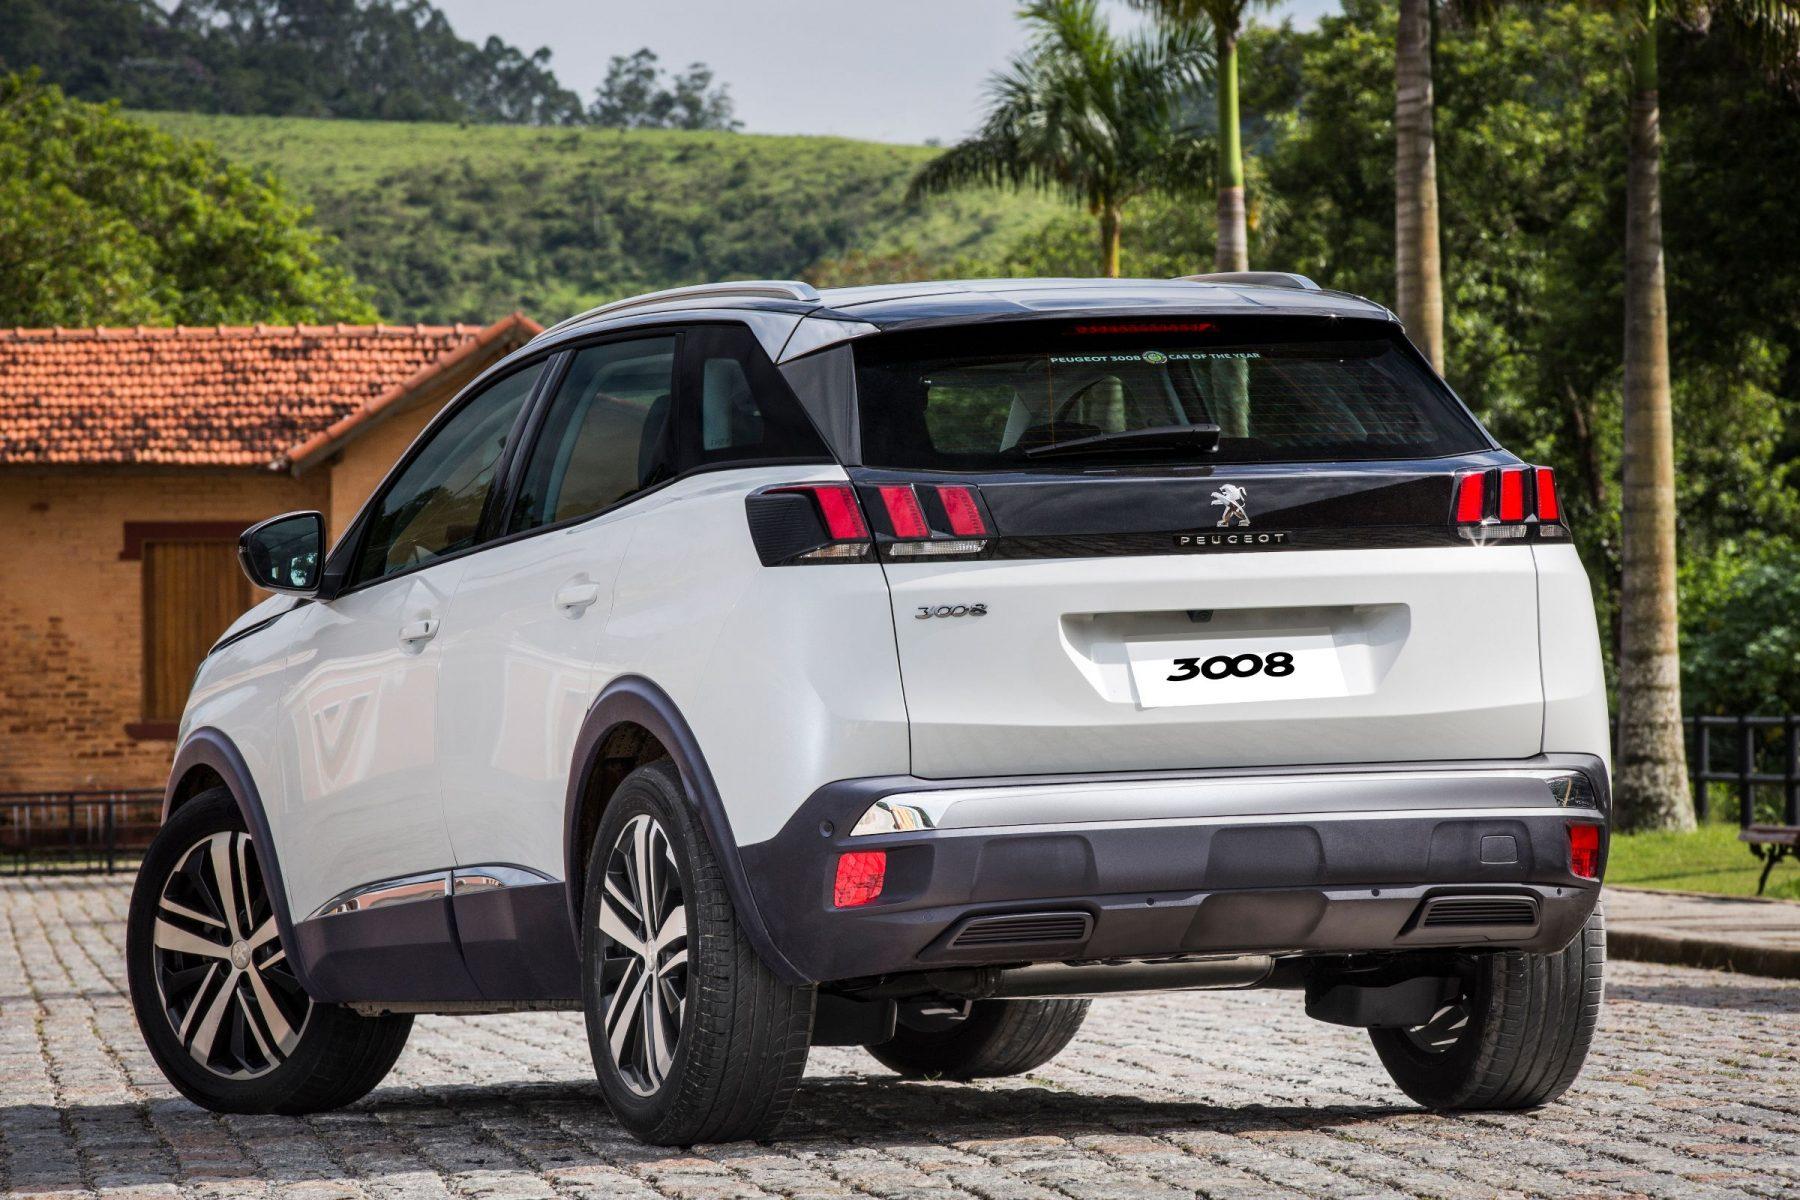 Peugeot 3008 Griffe Pack é lançado por R$ 155 mil. Versão de acabamento é mais equipada no que se refere à segurança, auxílio de condução e tecnologia.